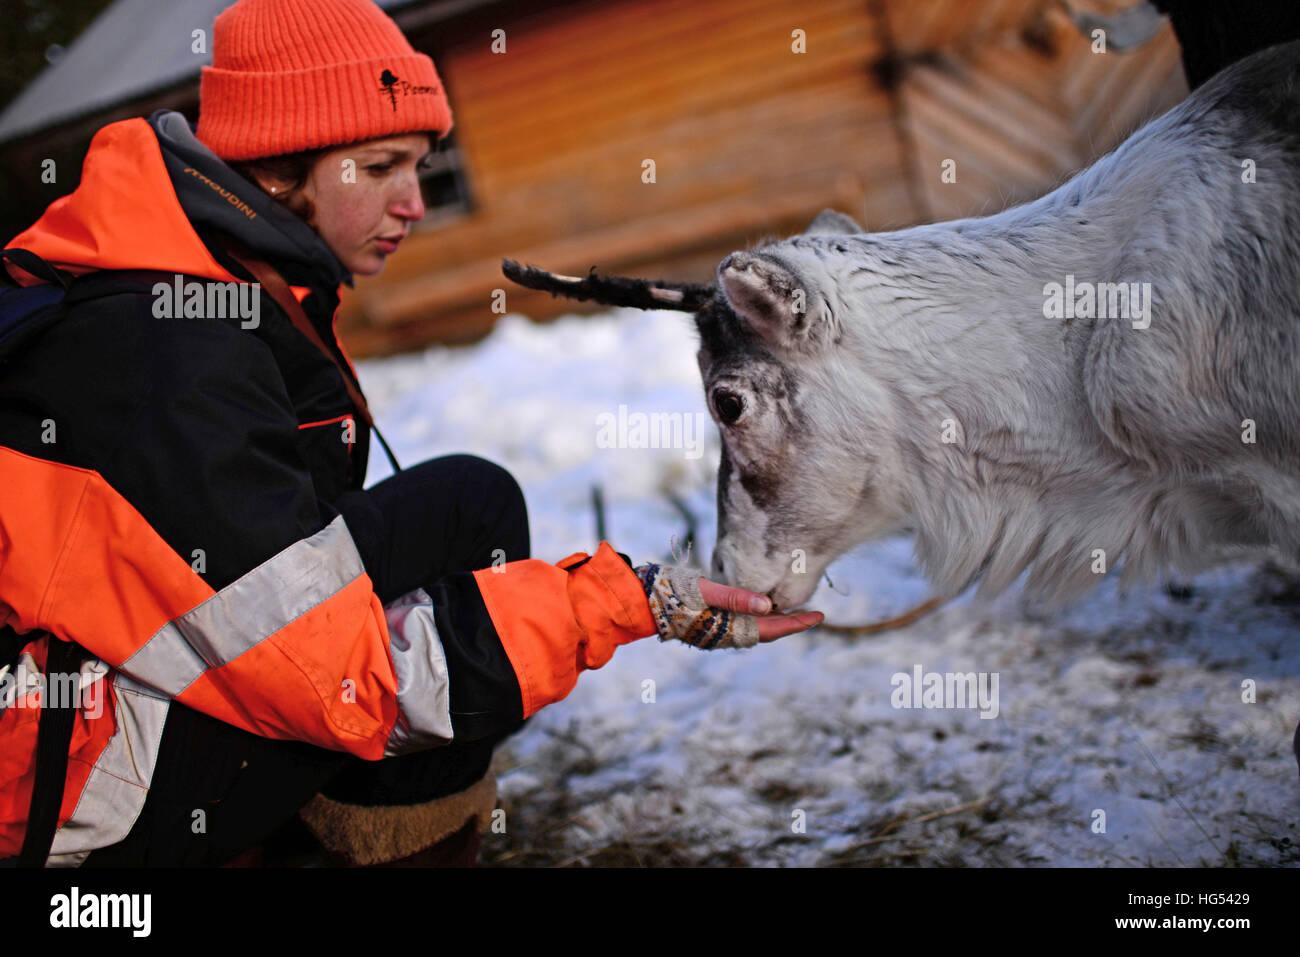 Jeune femme nourrit un renne dans l'élevage de rennes de Tuula Airamo, un S·mi descendant, par Muttus Lake. L'Inari, en Laponie, Finlande Banque D'Images